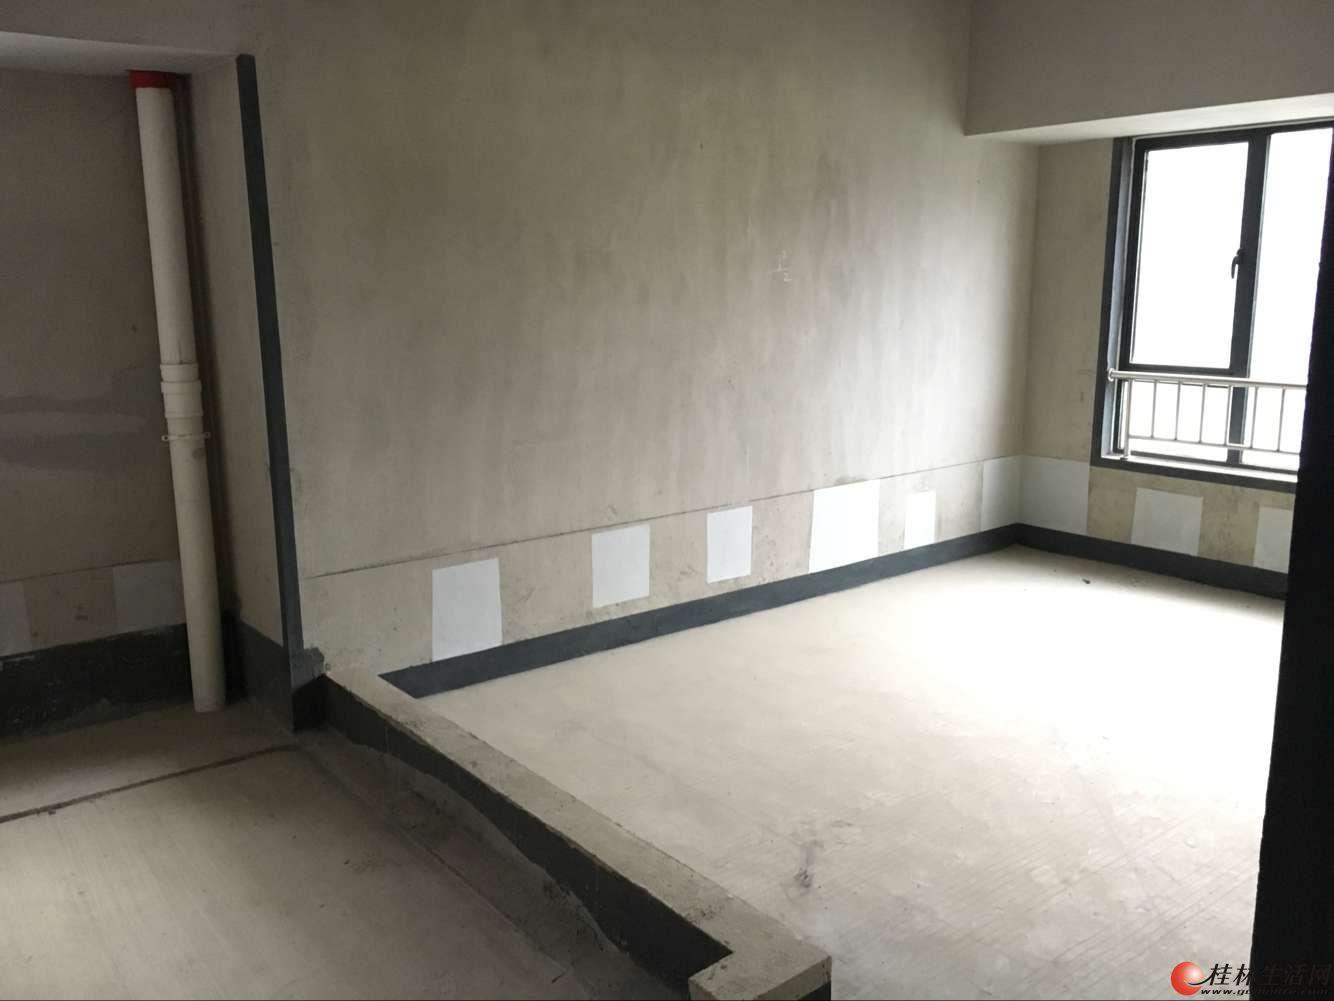 W(出售) 冠泰水晶城 3室2厅2卫 100.63㎡清水电梯房